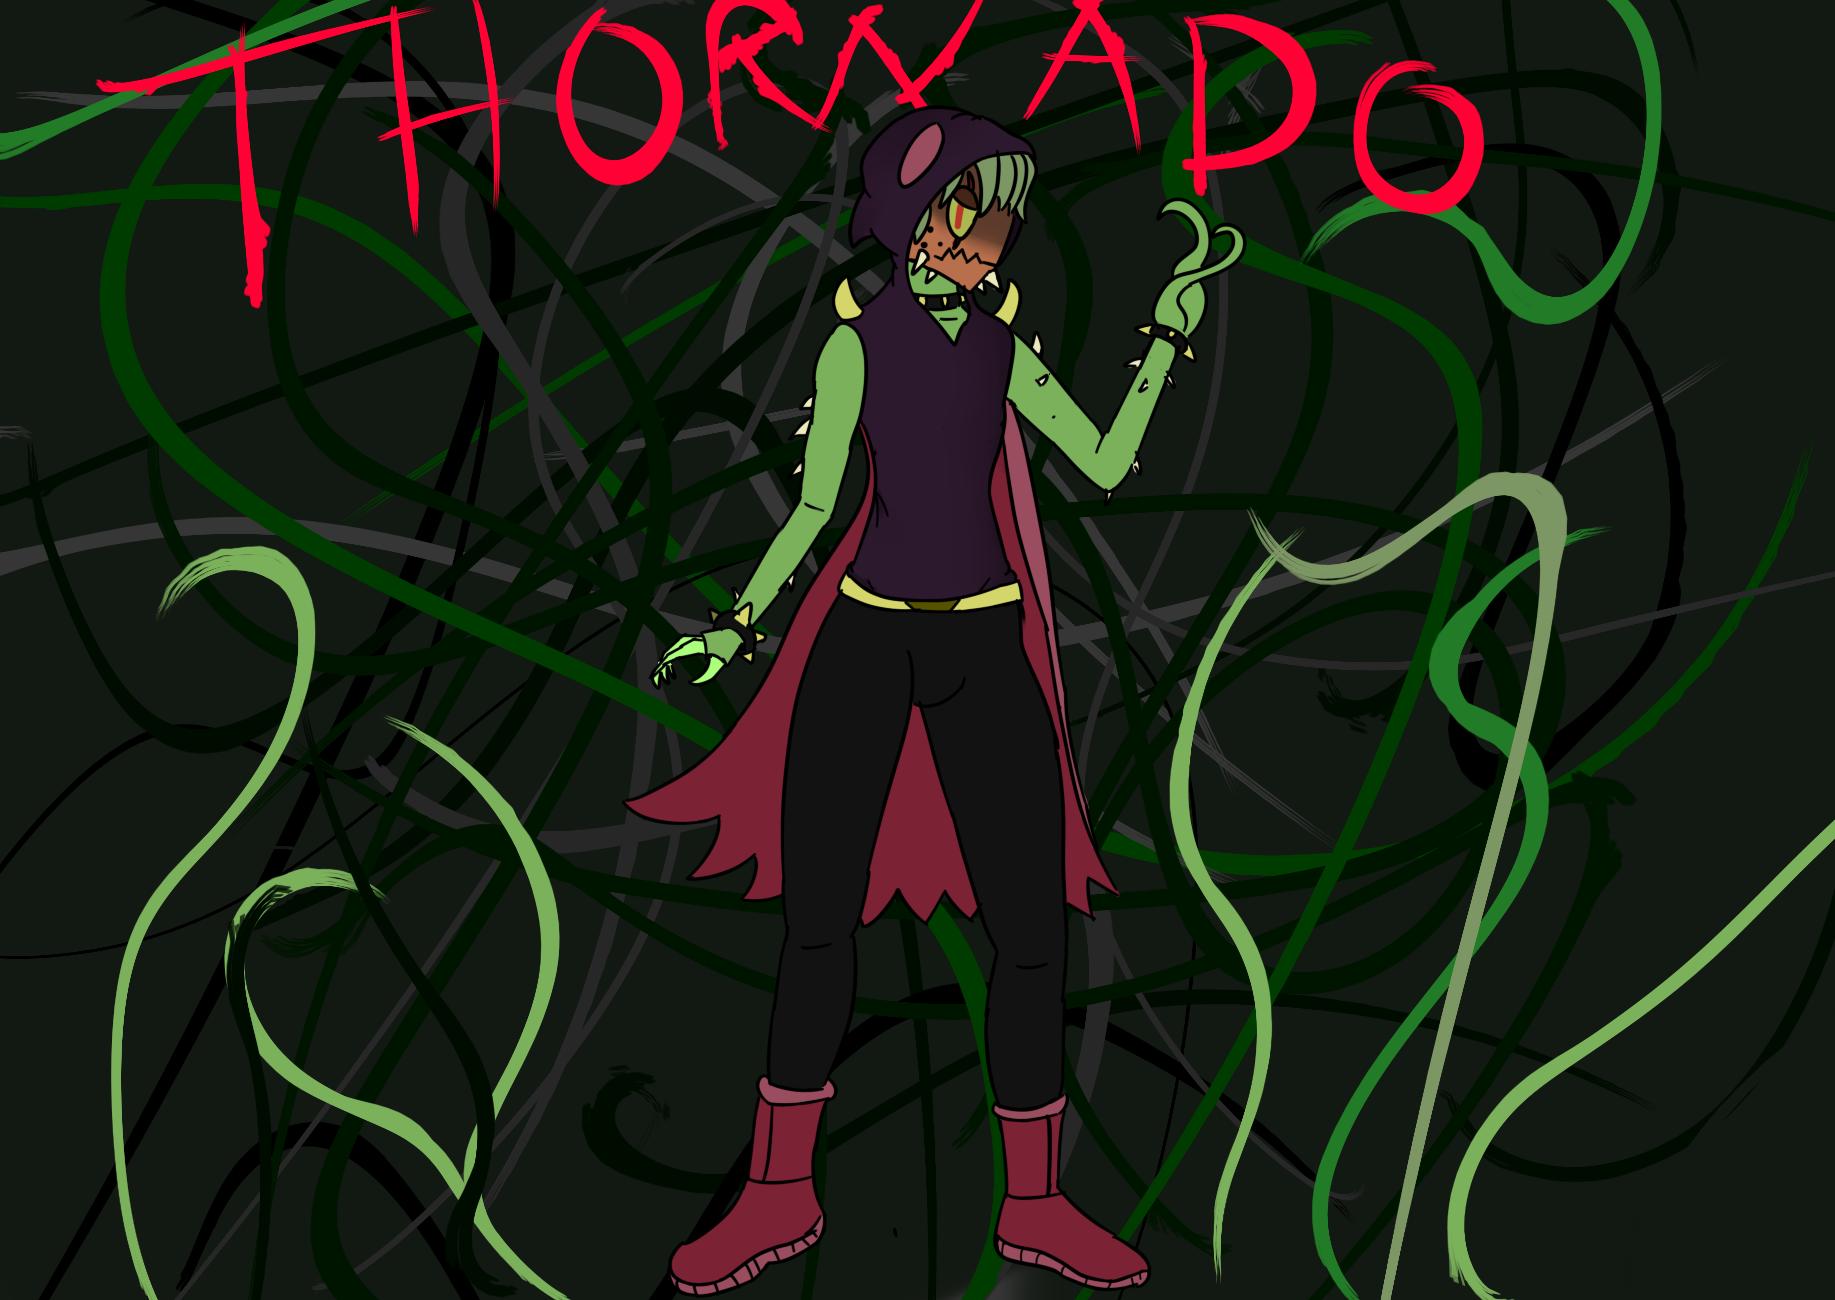 Thornado